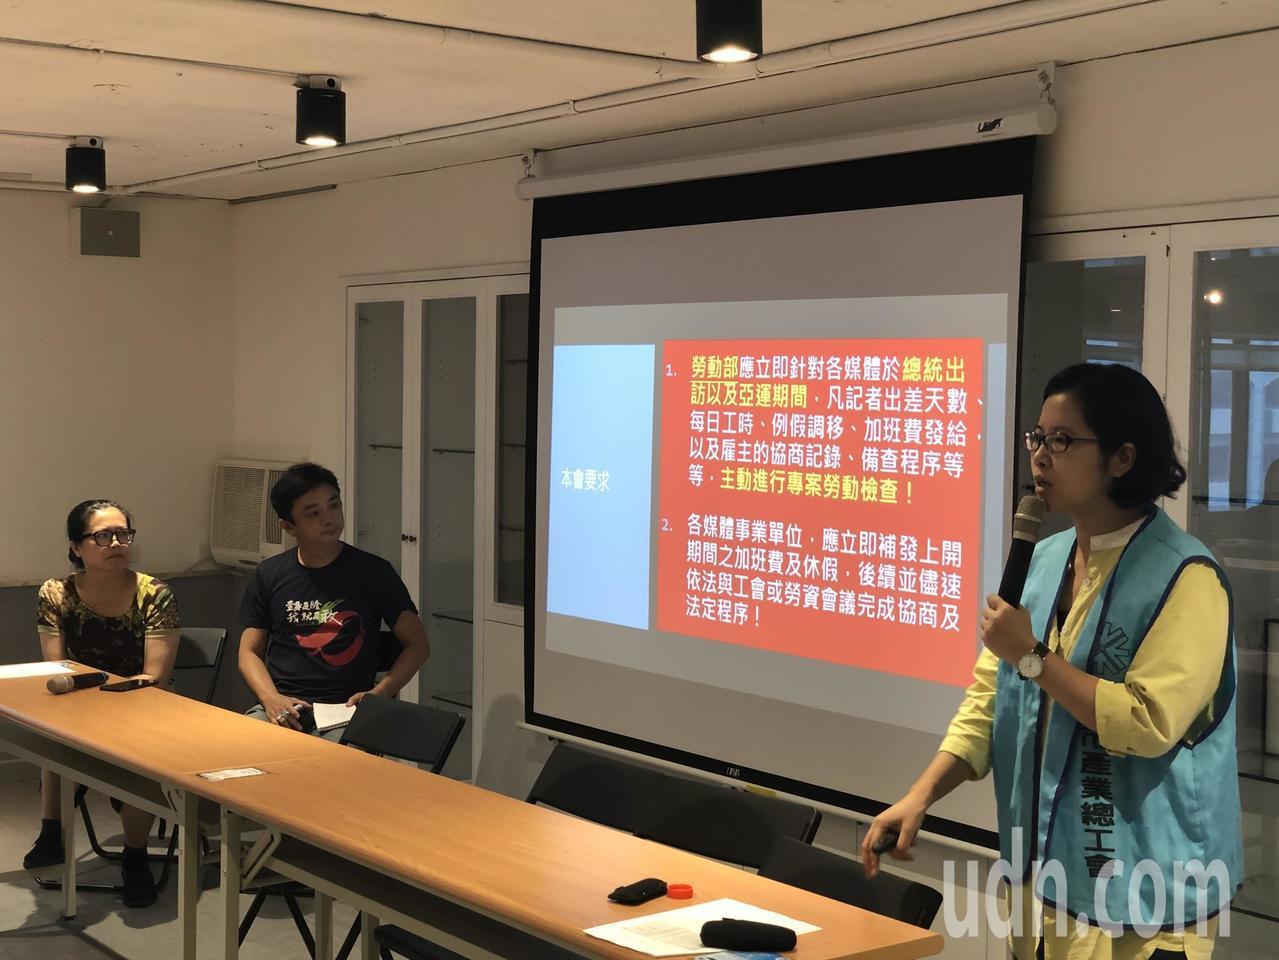 全國傳播媒體產業工會要求勞動部立即針對總統出訪、亞運期間進行專案勞檢。記者陳妍霖...